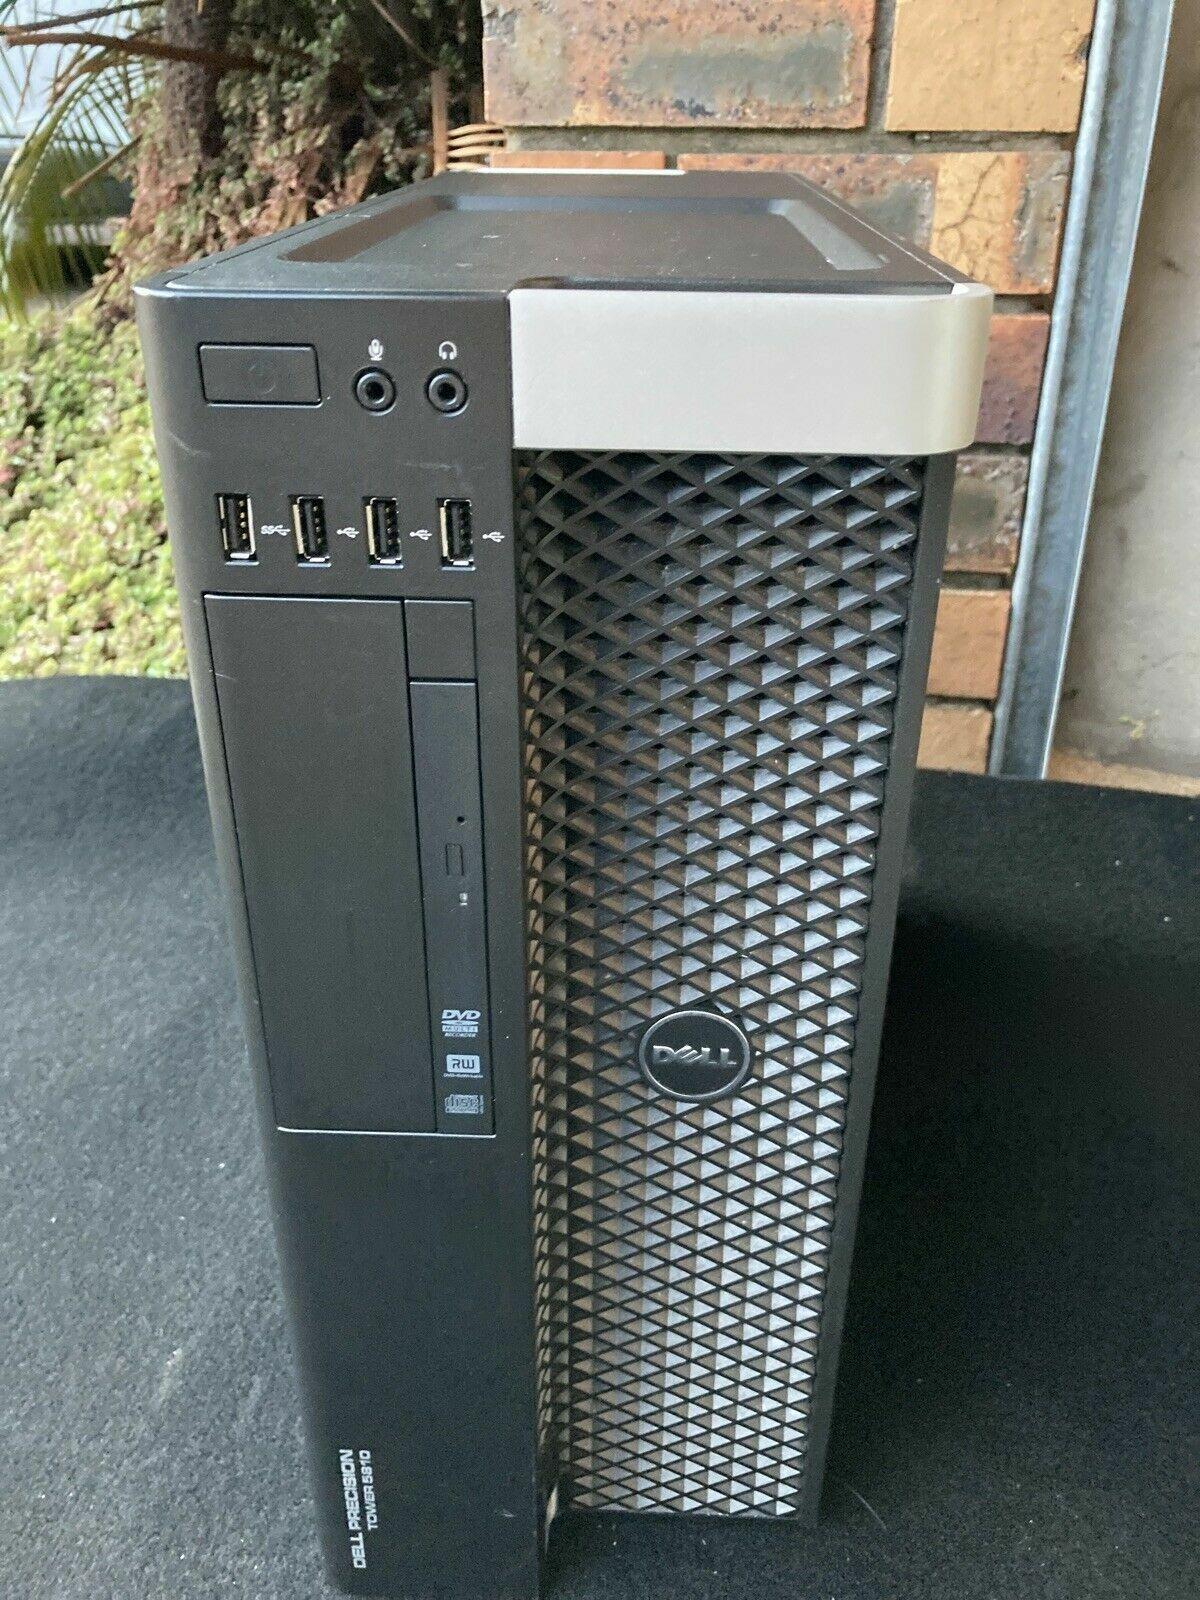 Computer Games - Dell Precision T5810 10 CORE XEON E5-2650 V3 16Gb DDR4 RAM WIN10 WIFI V3800 GAME